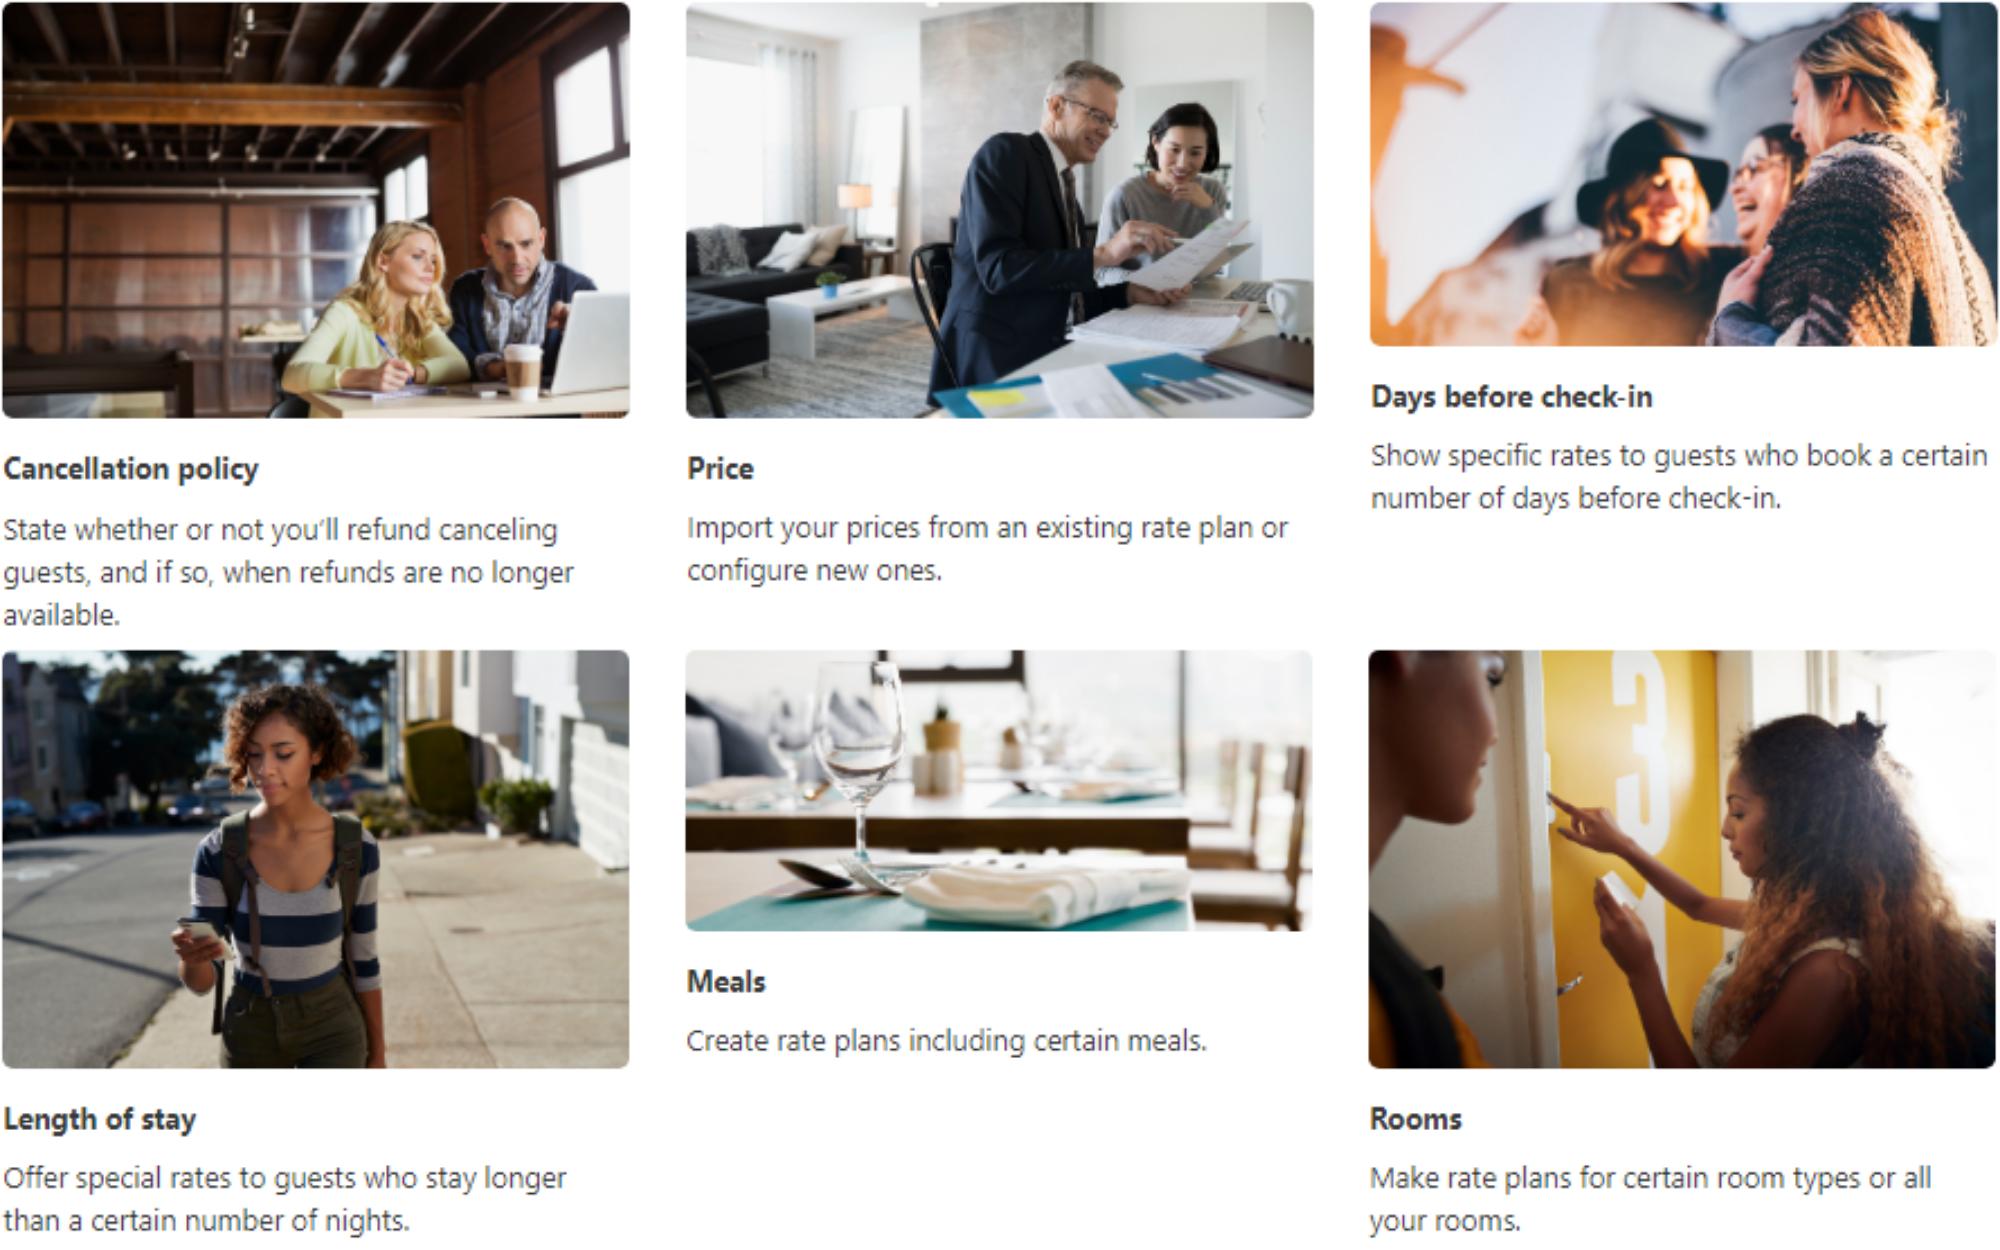 Factors influencing Booking.com rate plans